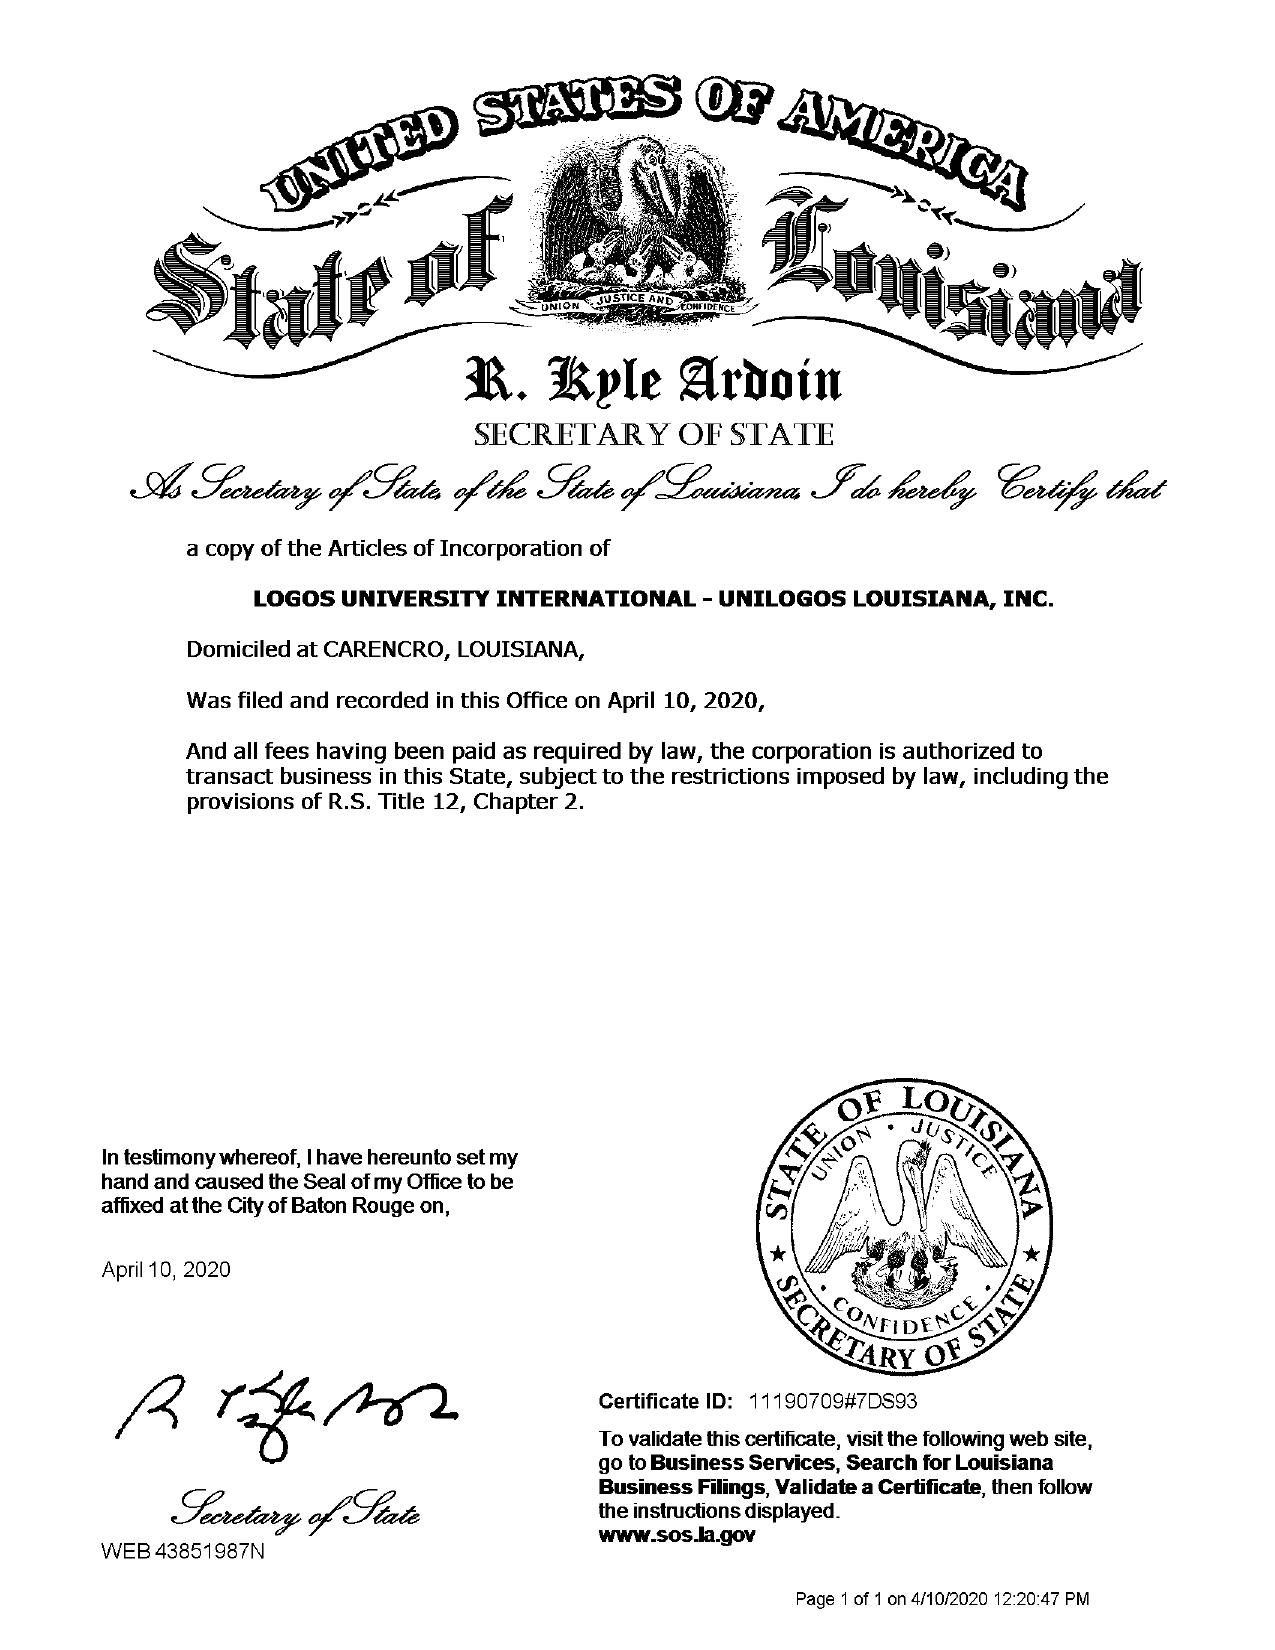 Certificado Unilogos Louisiana State